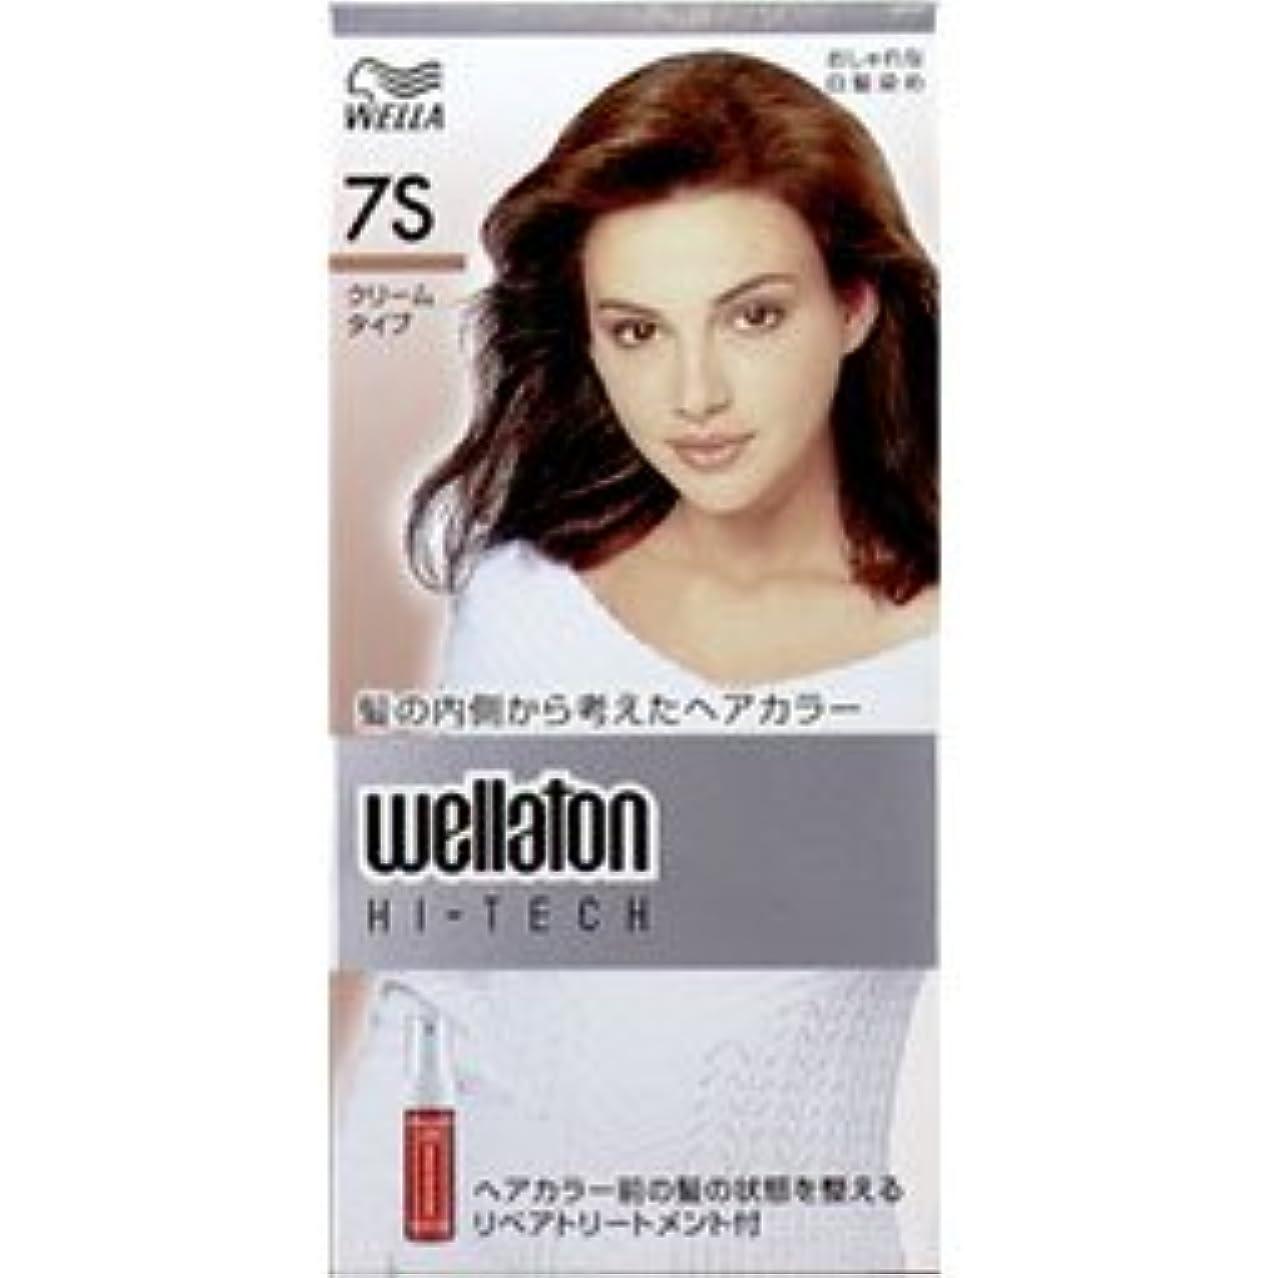 湿地凍結強制的【ヘアケア】P&G ウエラ ウエラトーン ハイテッククリーム 7S 透明感のある明るい栗色 (医薬部外品) 白髪染めヘアカラー(女性用)×24点セット (4902565140602)